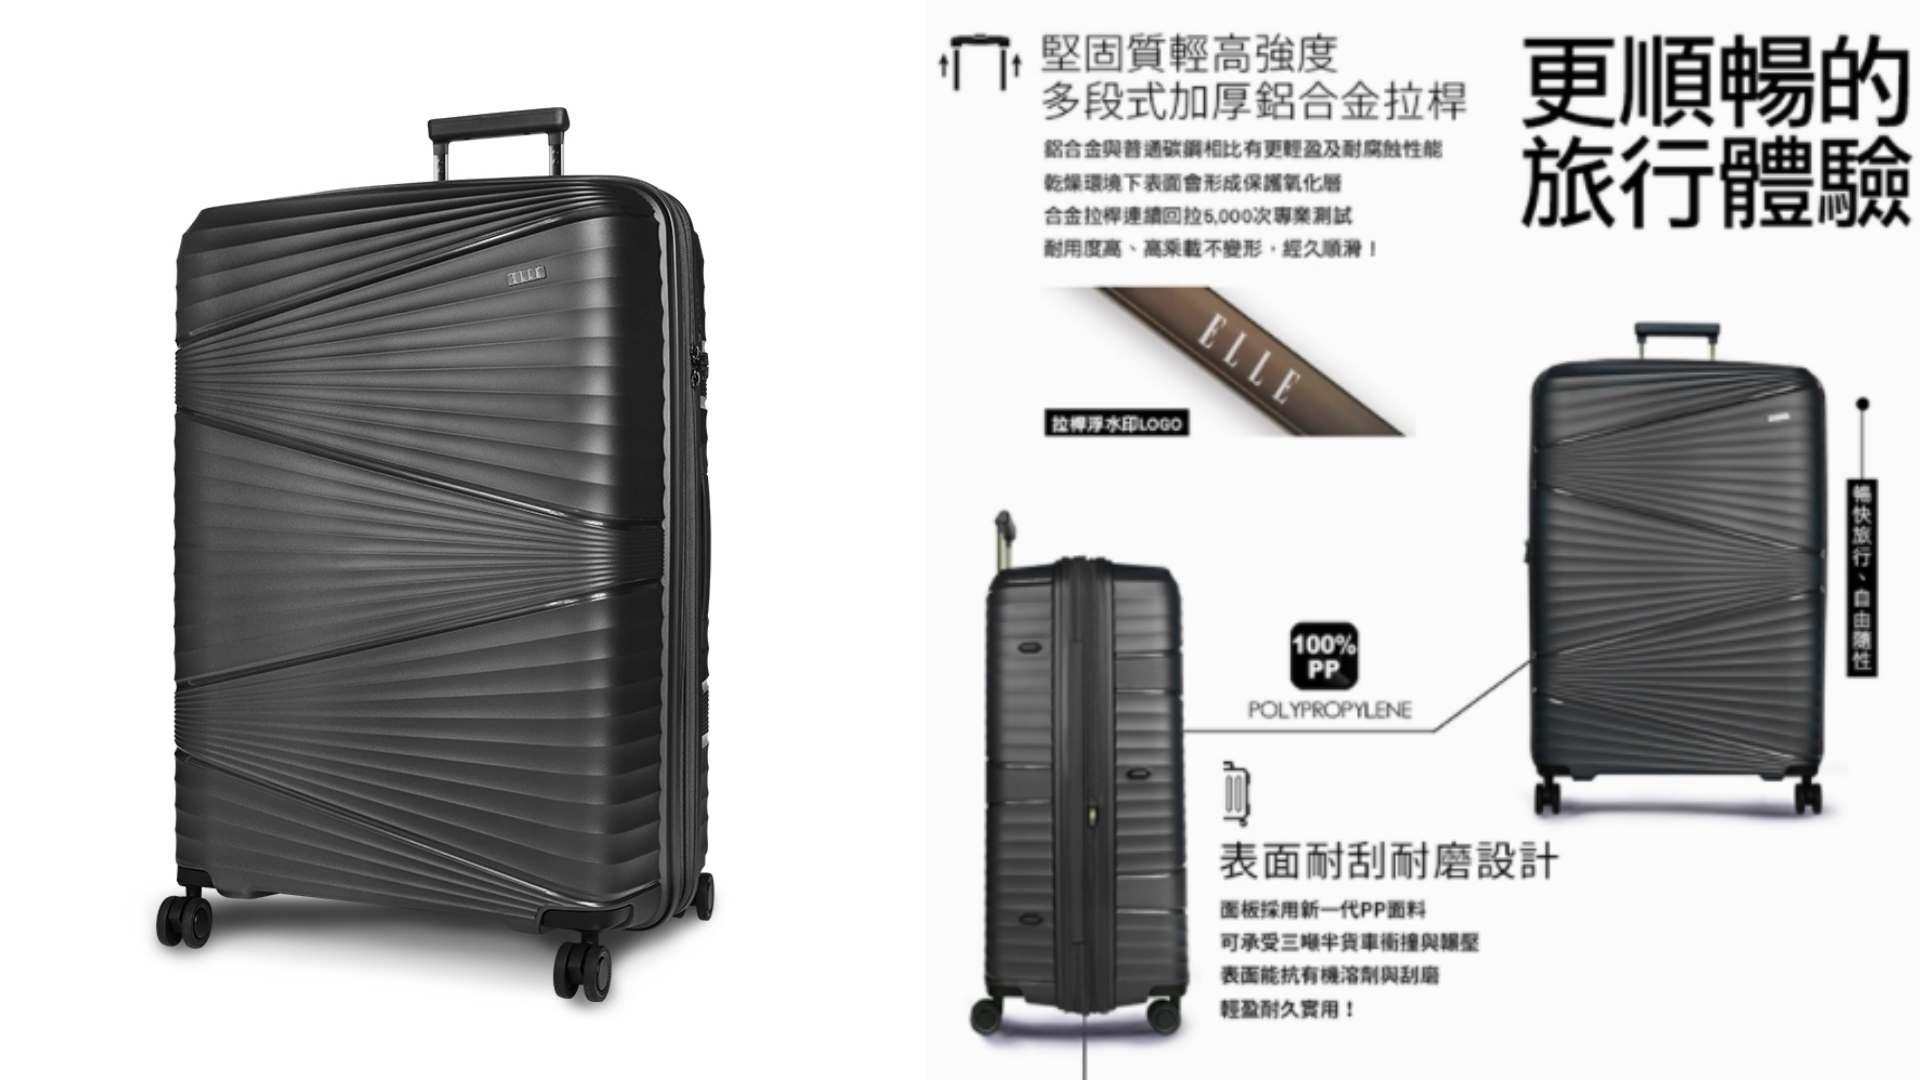 那麼這款具有法式美感的行李箱絕對能夠滿足喜歡漂亮行李箱的你,金屬質感的外型充滿現代洗鍊風格!箱體採用新一代PP材質,拿起來更輕也更堅固,還有獨家專利抗污、防潑水、防爆拉鍊